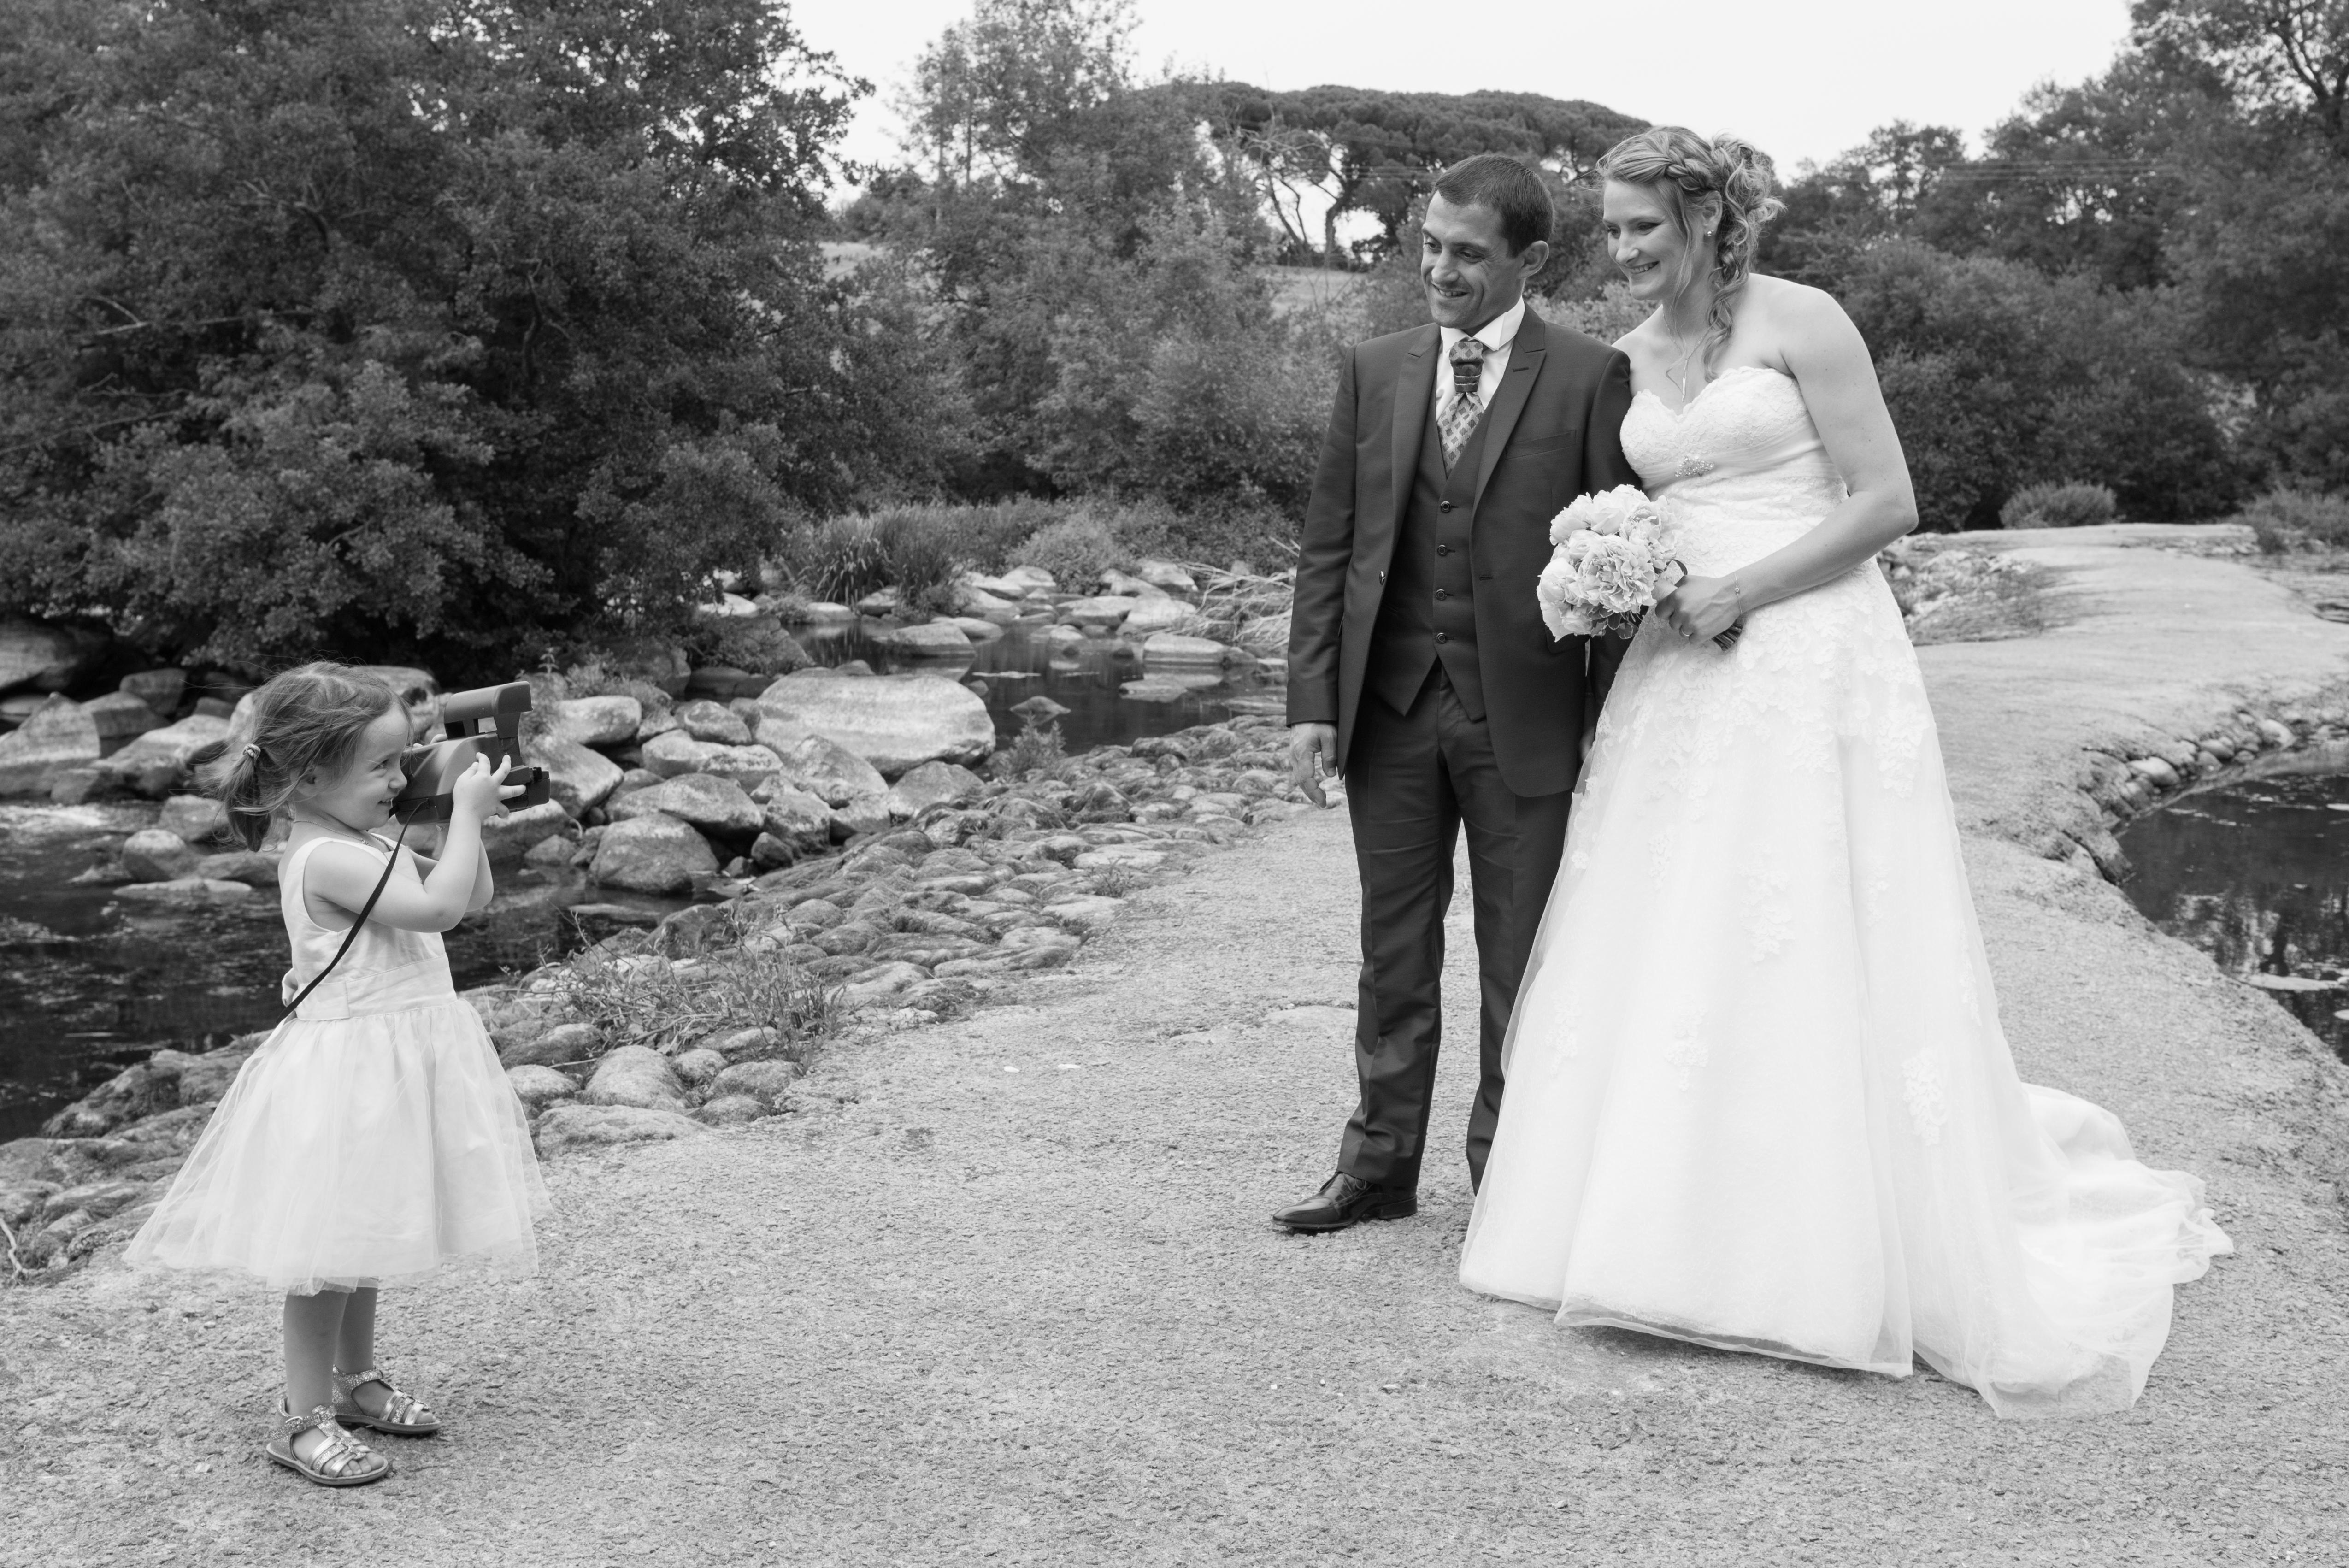 photographe mariage polaroid